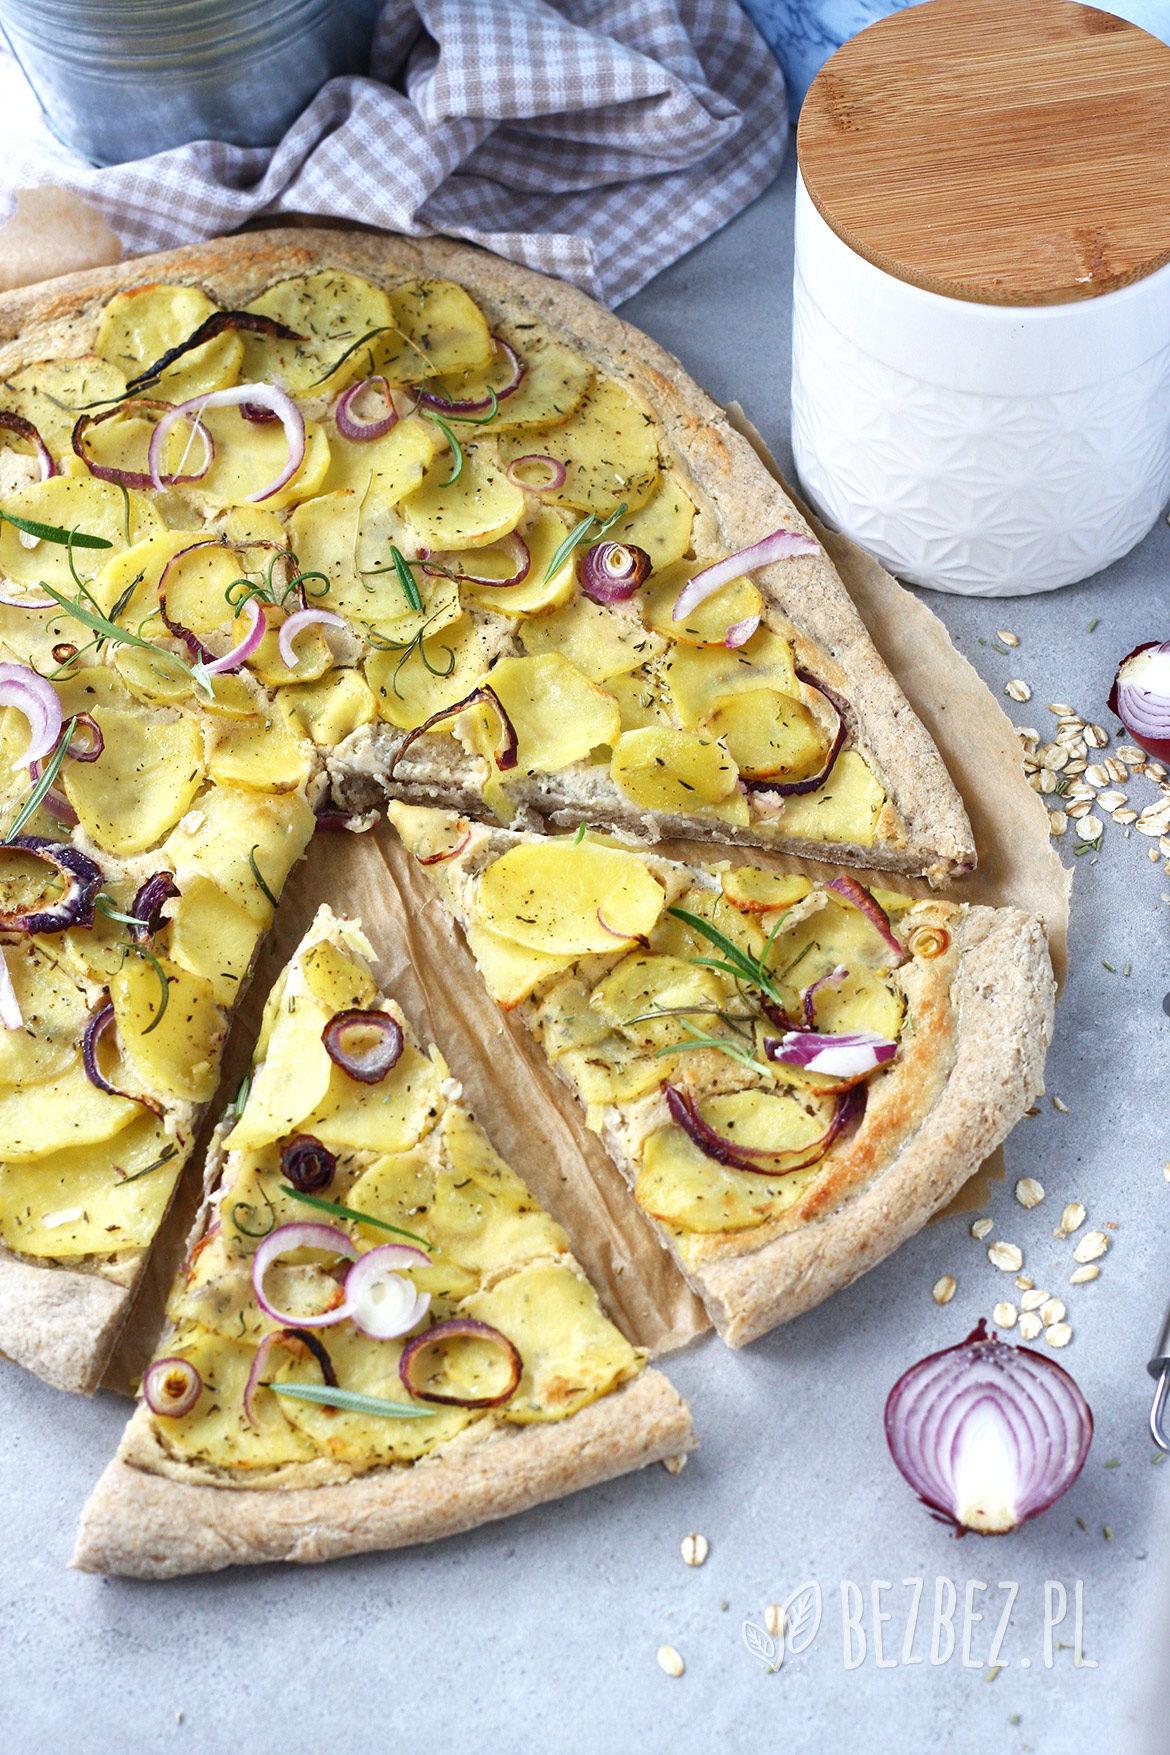 Bezglutenowa pizza z ziemniakami i białym sosem z nerkowców (wegańska)